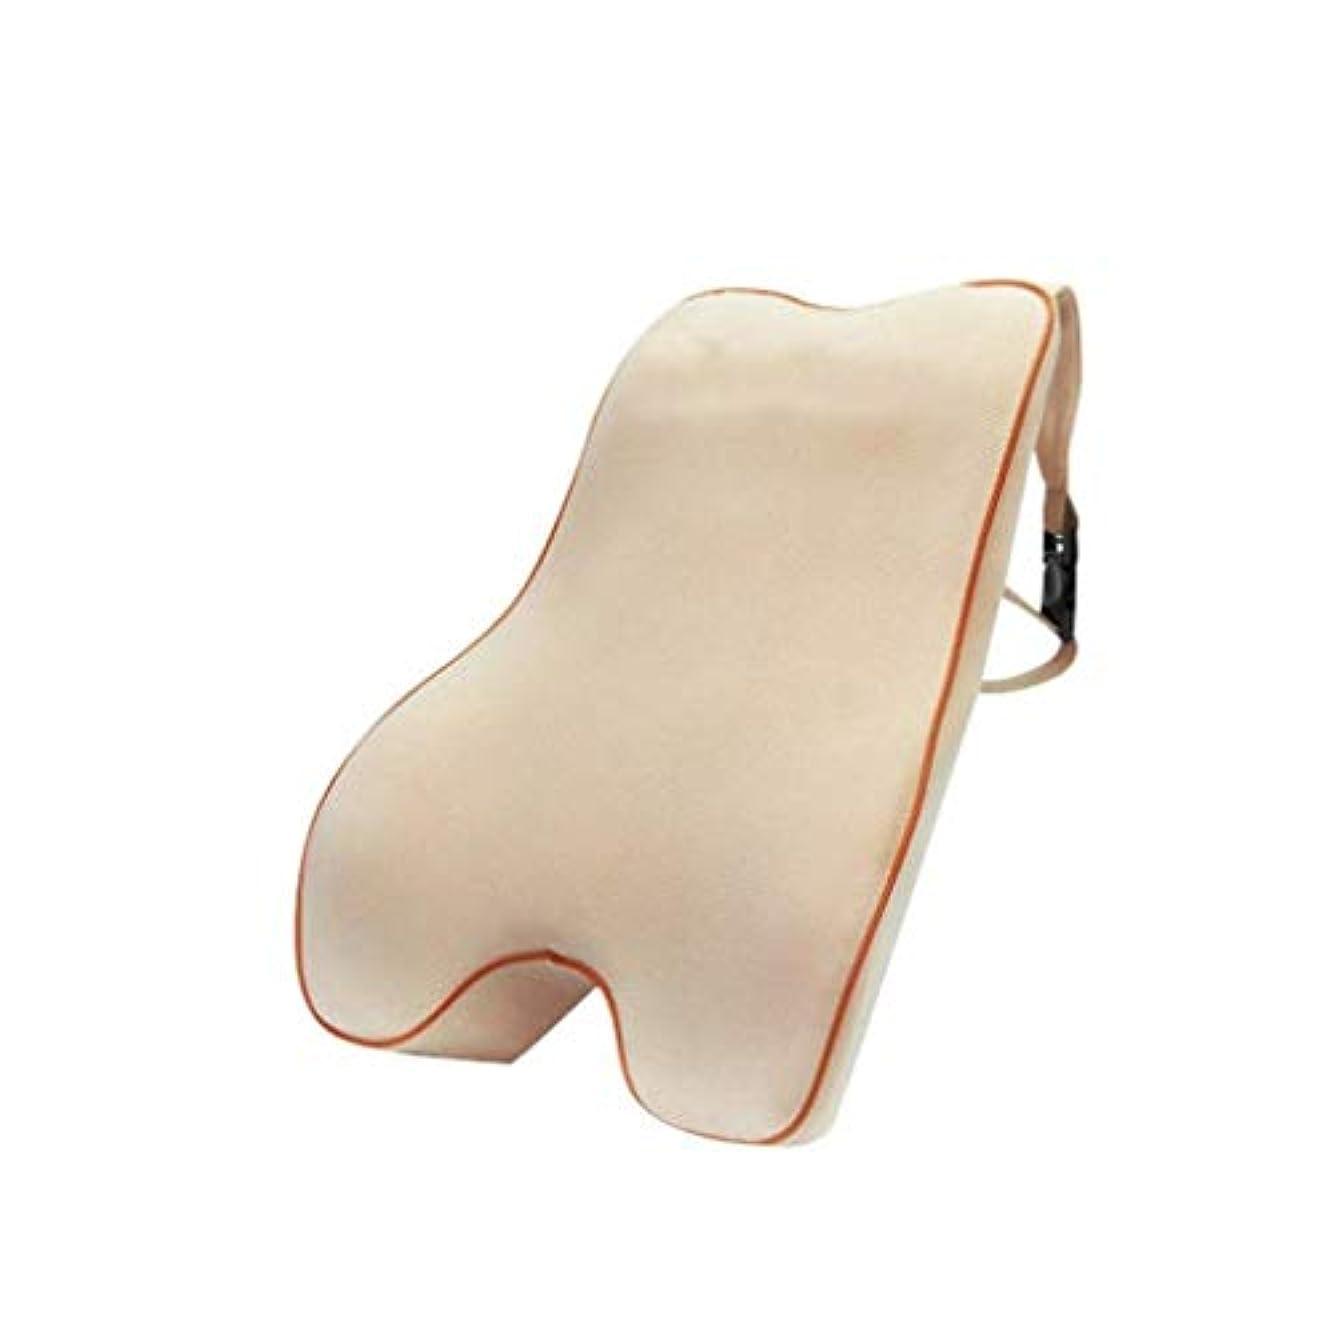 二次石鹸コショウ腰椎枕 - 100%低反発腰椎クッション - ポータブル枕 - 整形外科用ウエストサポート枕 - 車のオフィスチェア - 長距離運転オフィスに適した腰痛緩和